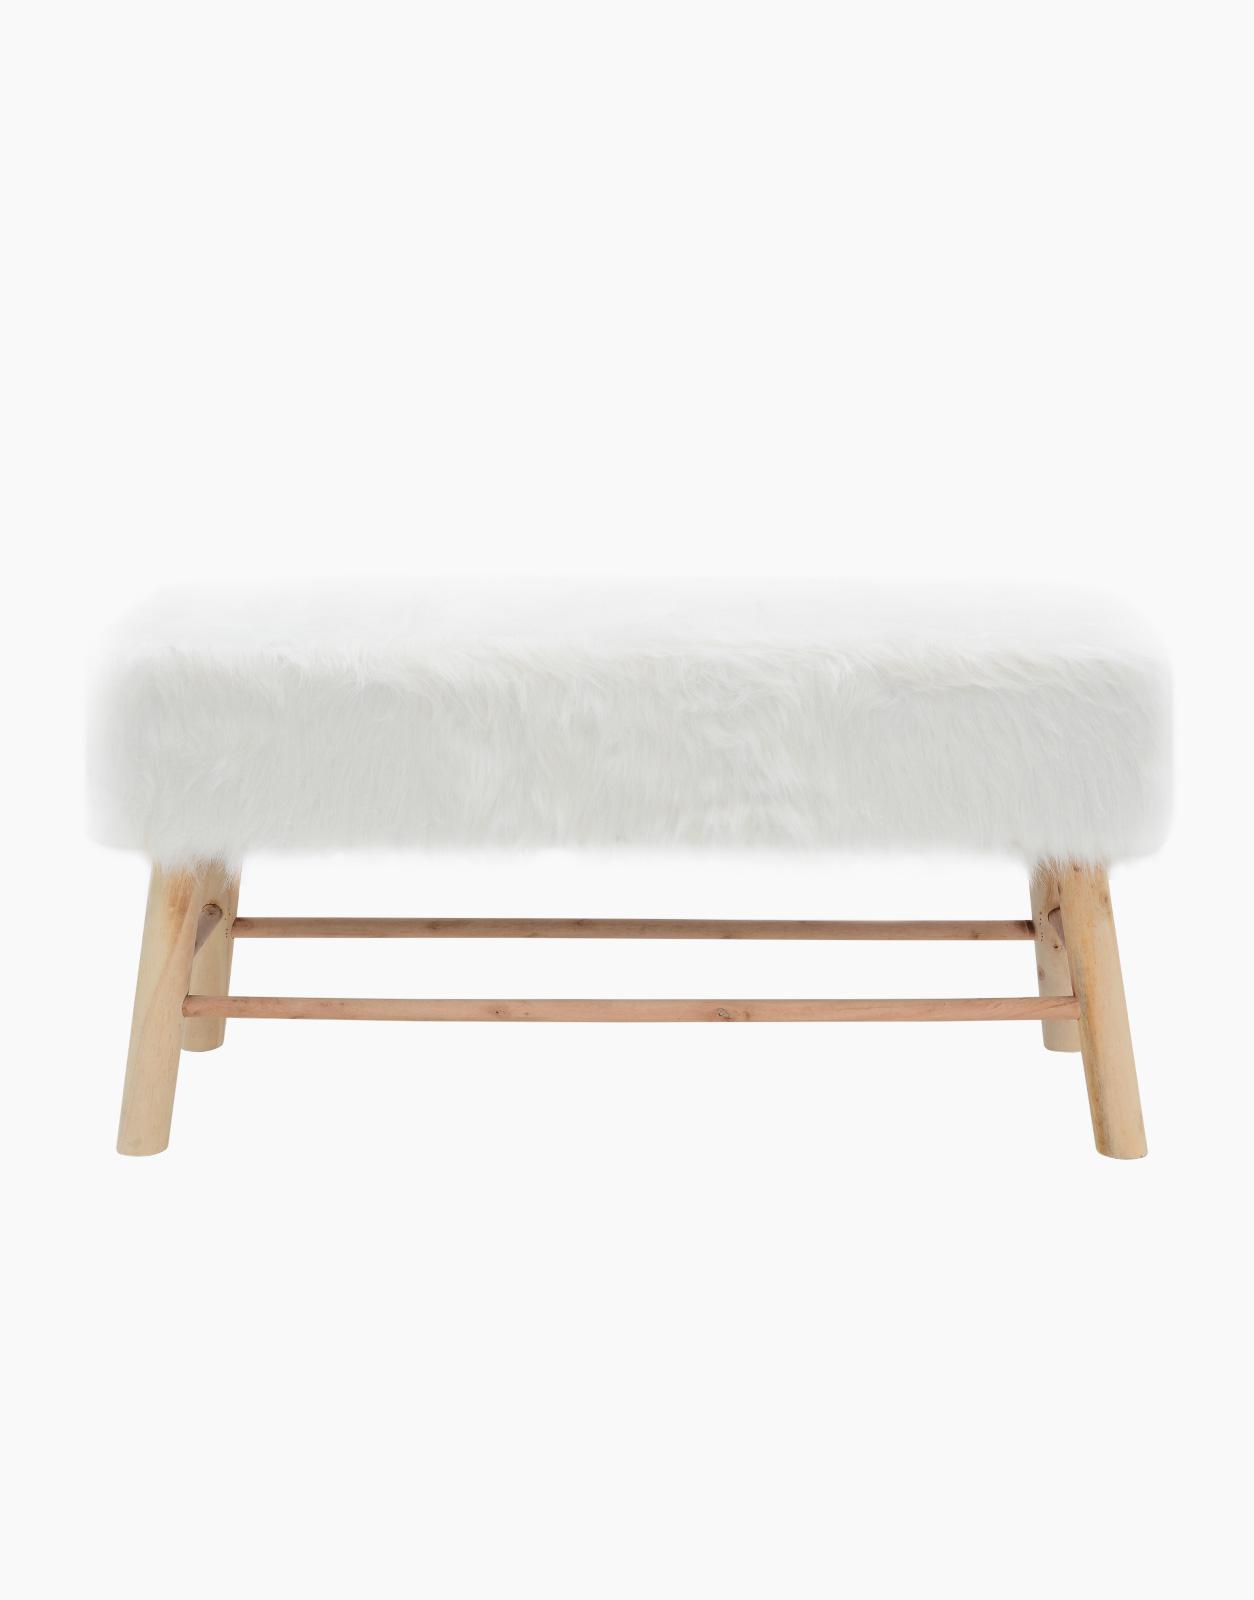 Banc Lasco en fourrure synthétique blanche - Mobilier design, luminaire  design et décoration pour vos intérieurs